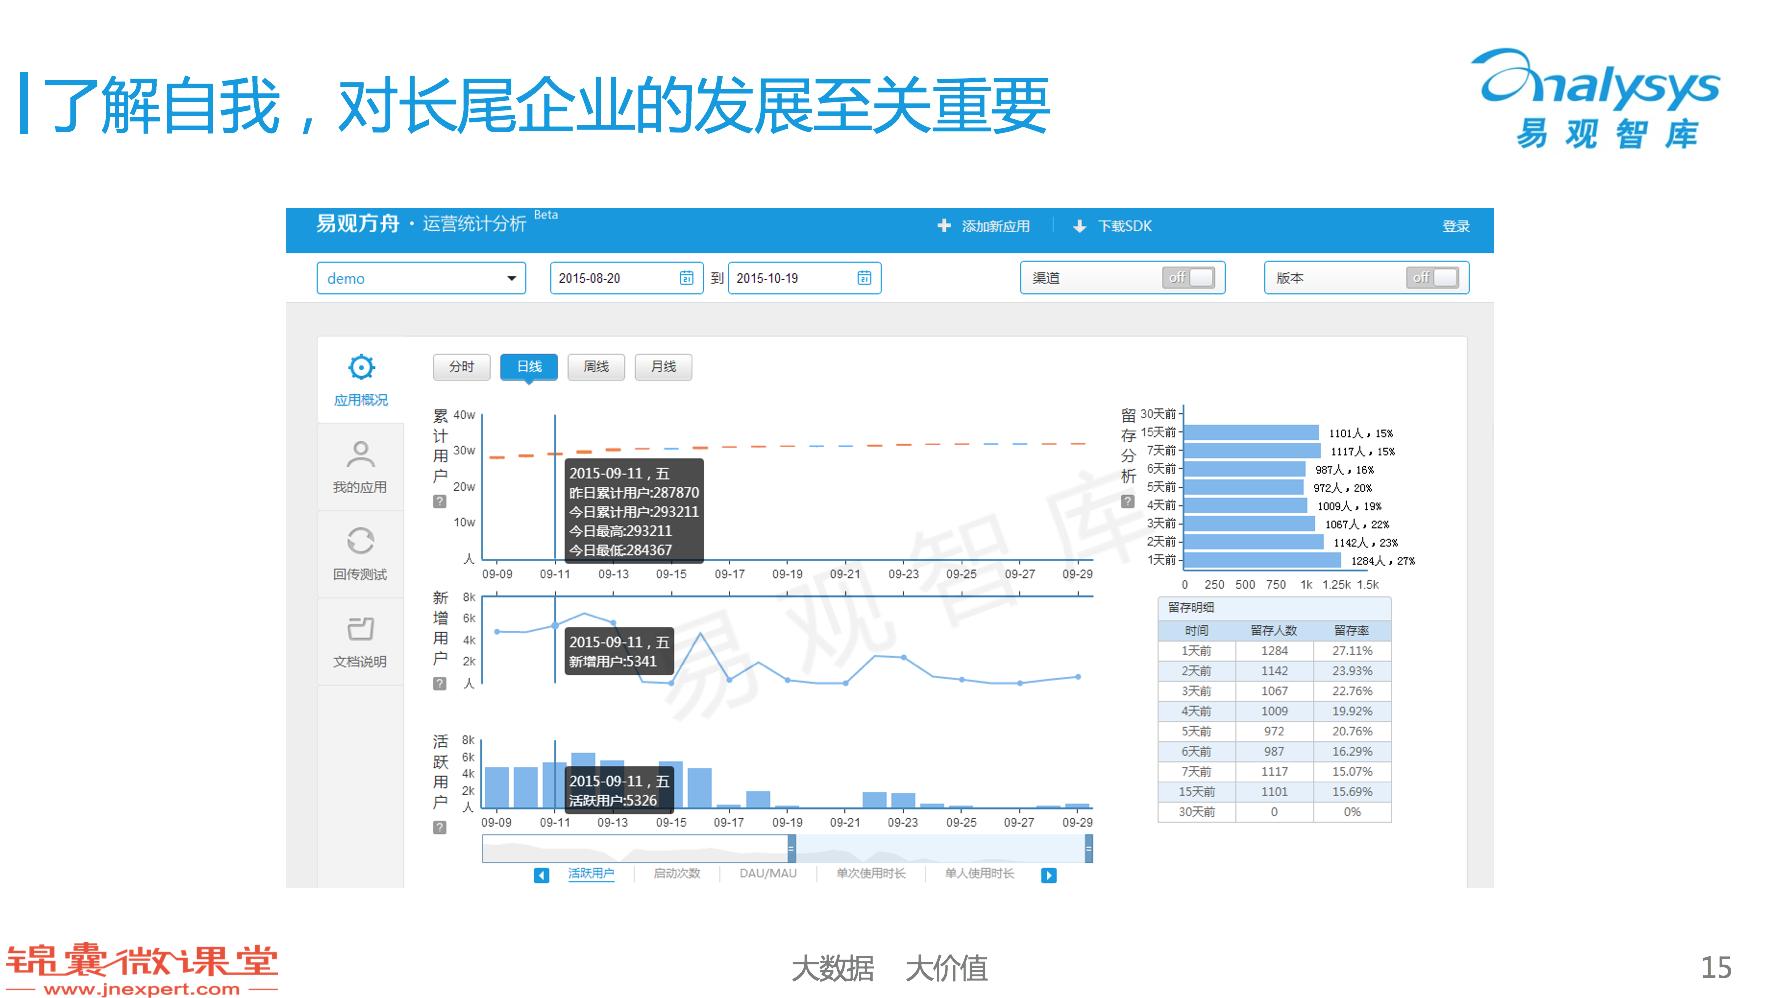 大数据图解互联网行业势力分布及用户价值